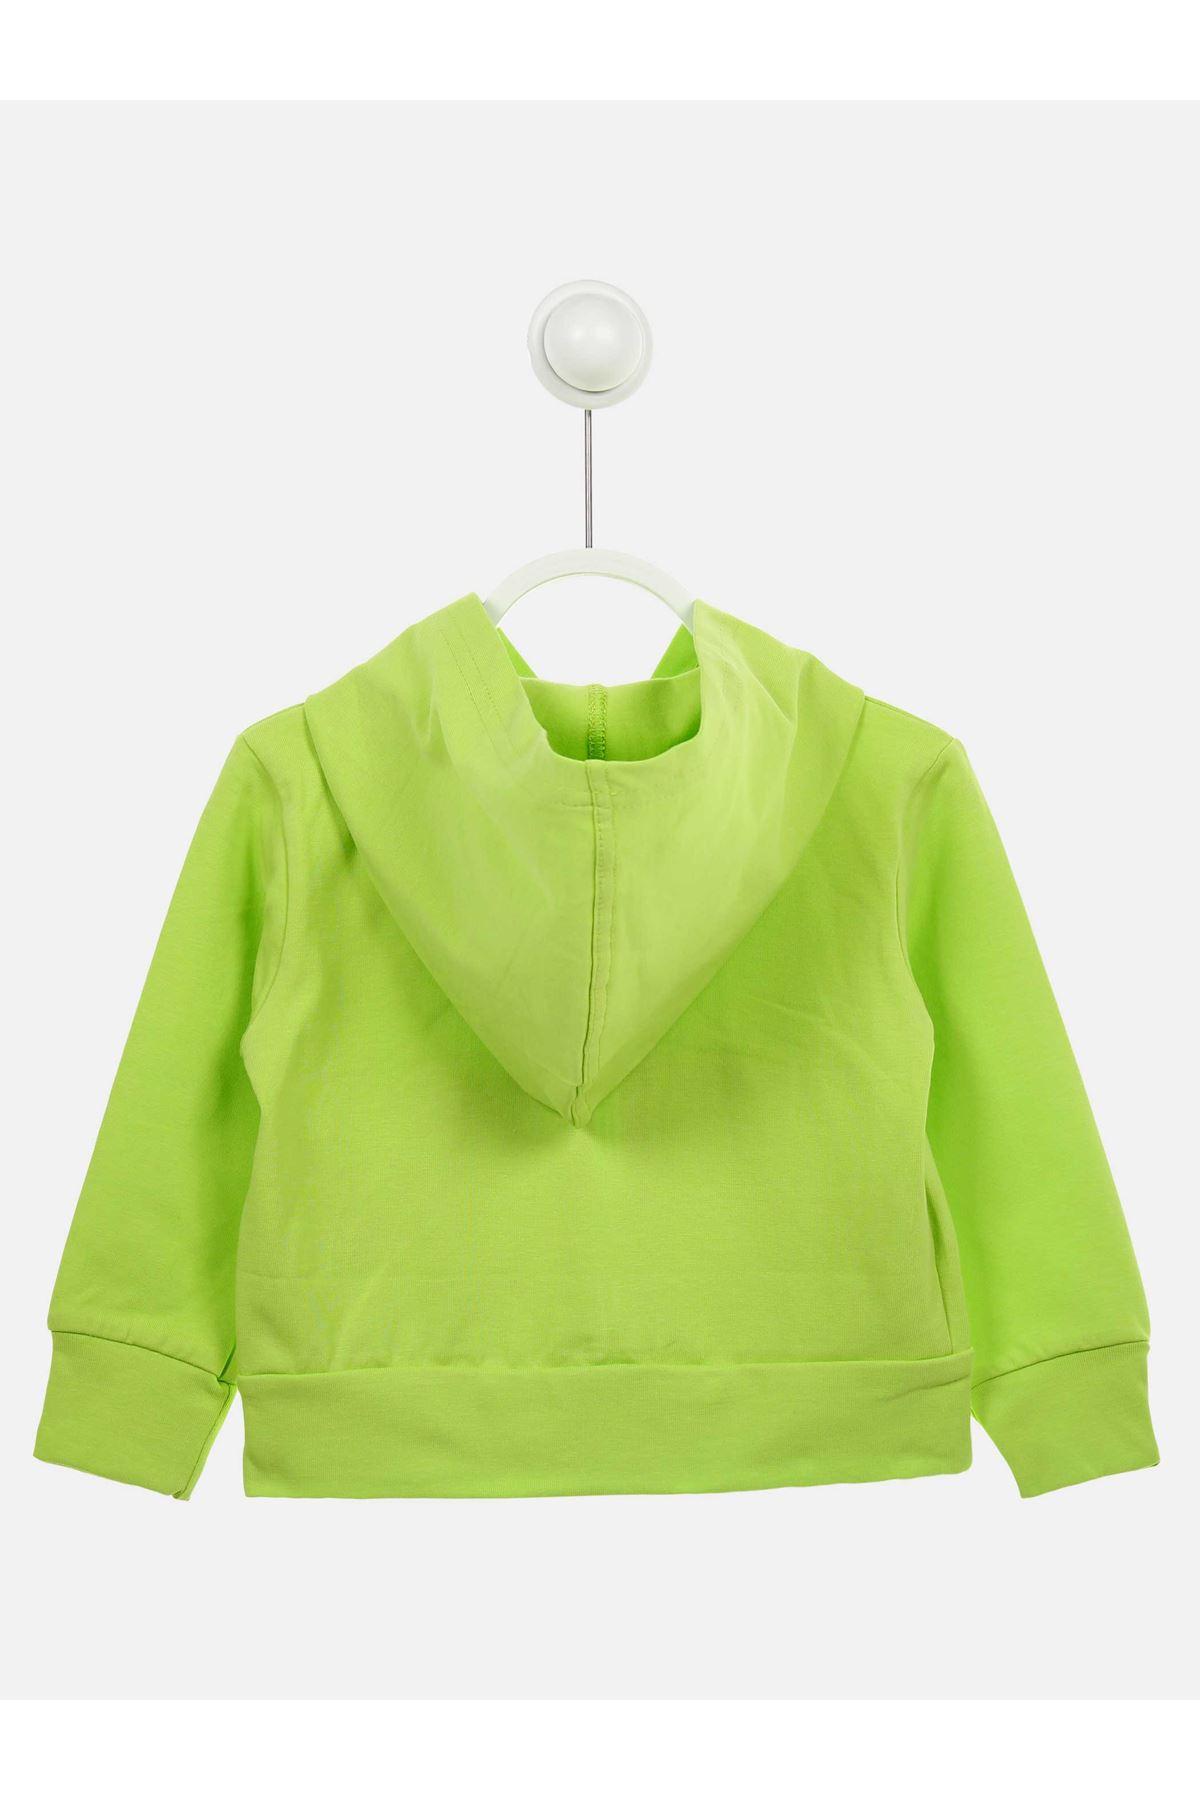 Yeşil Mevsimlik Kapüşonlu Kız Çocuk Ceket